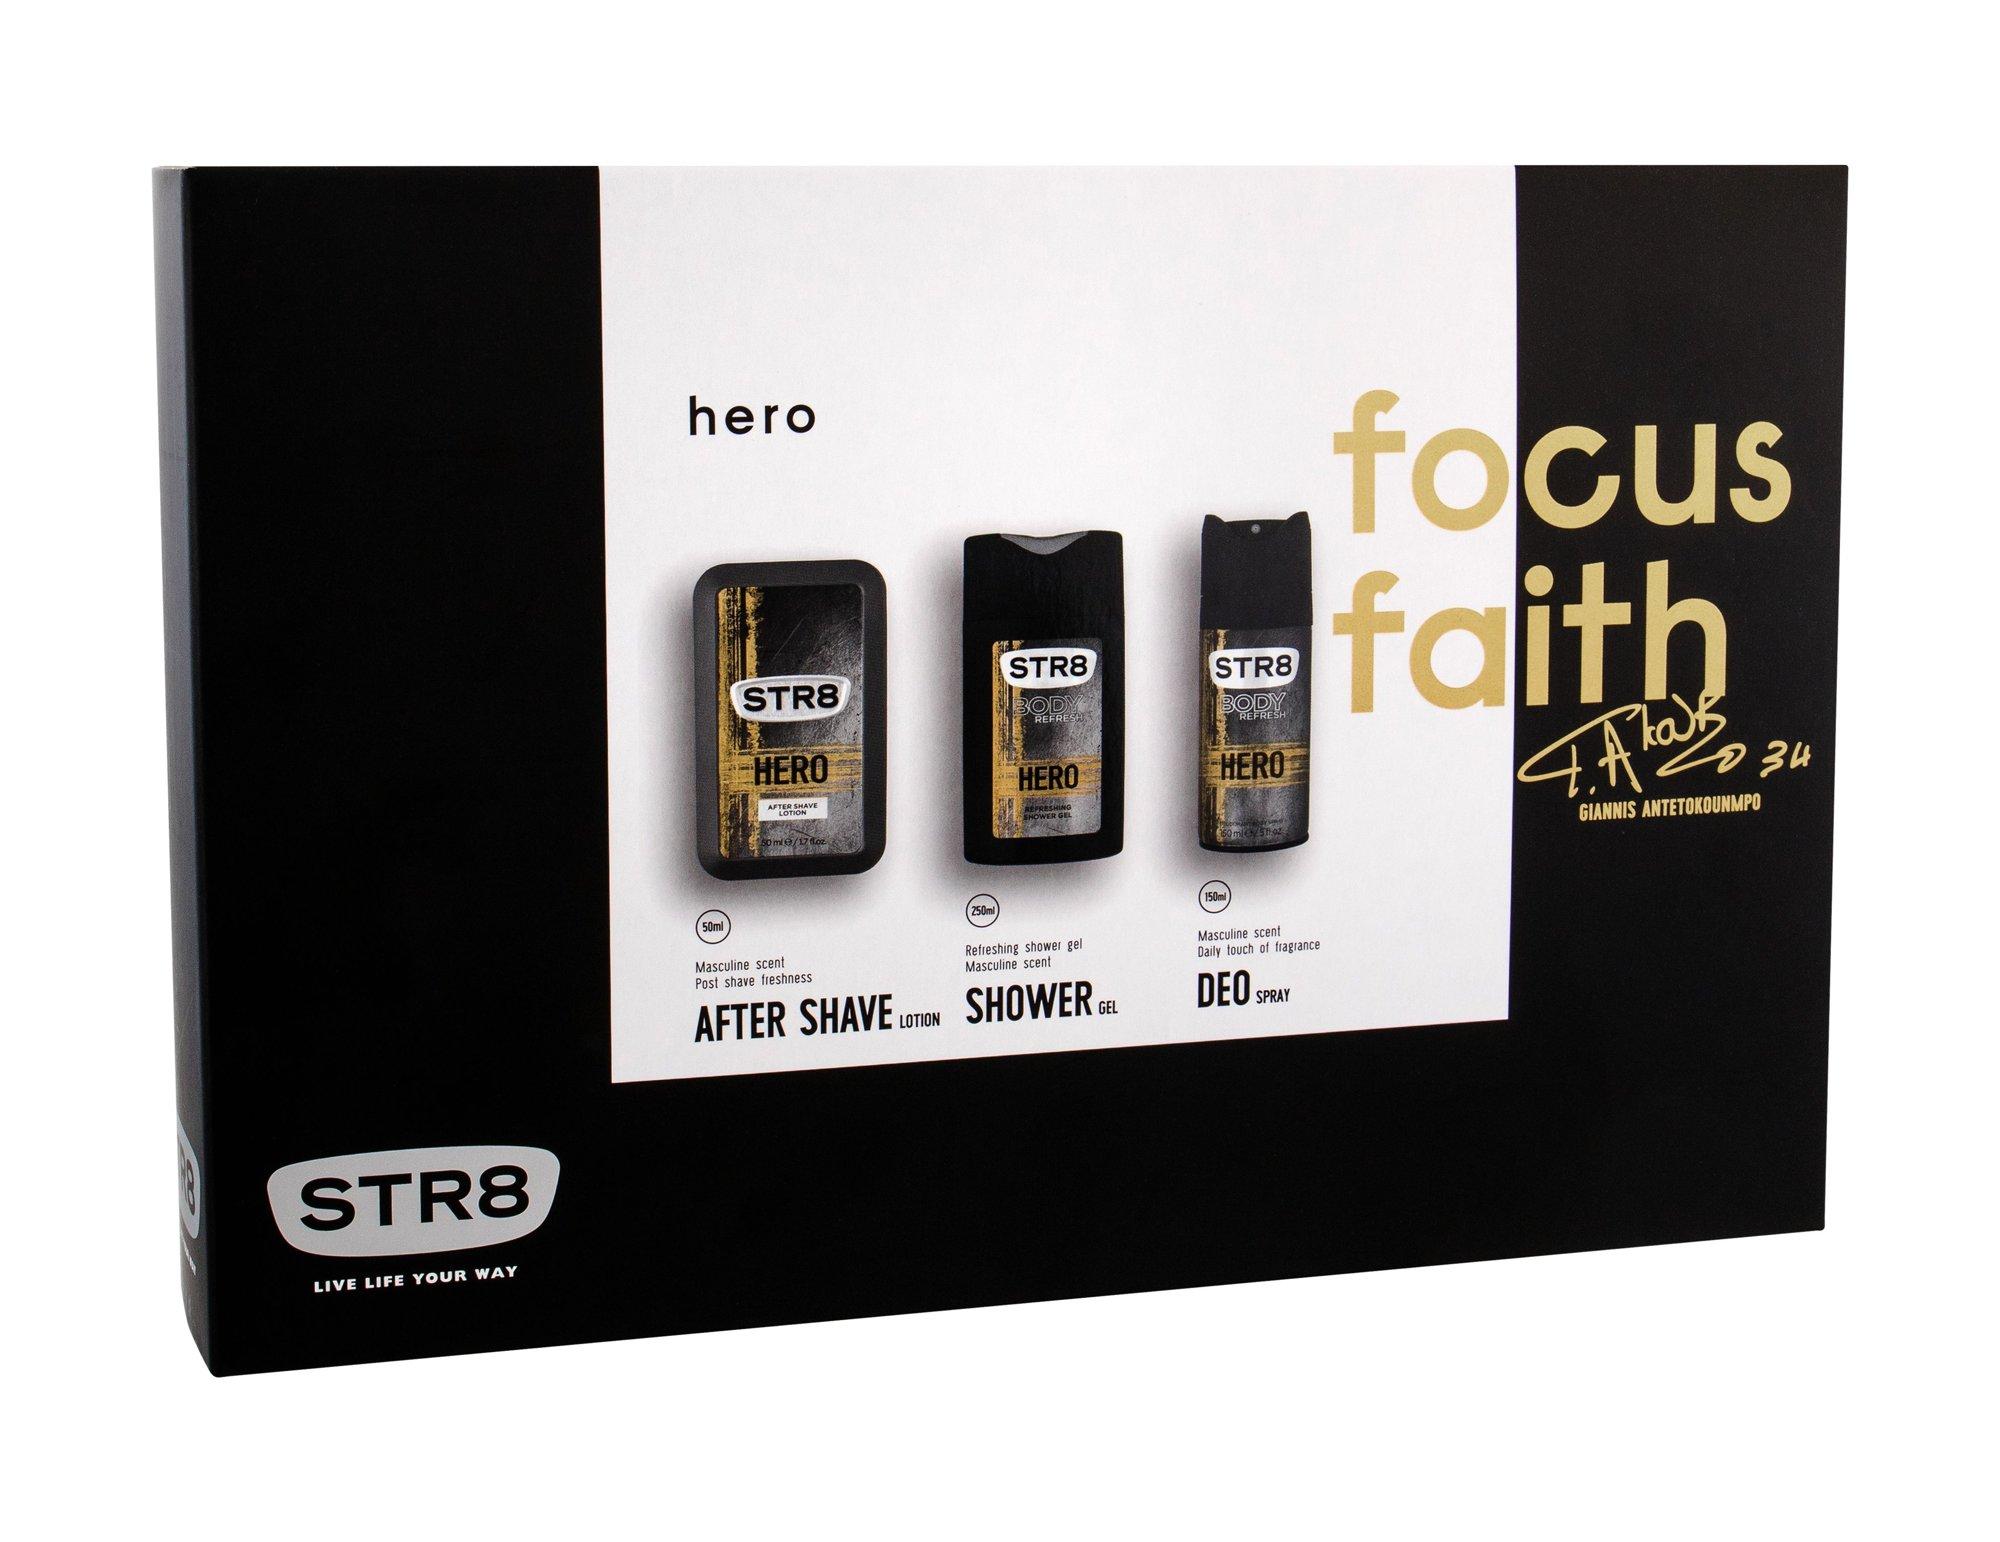 STR8 Hero Aftershave Water 50ml